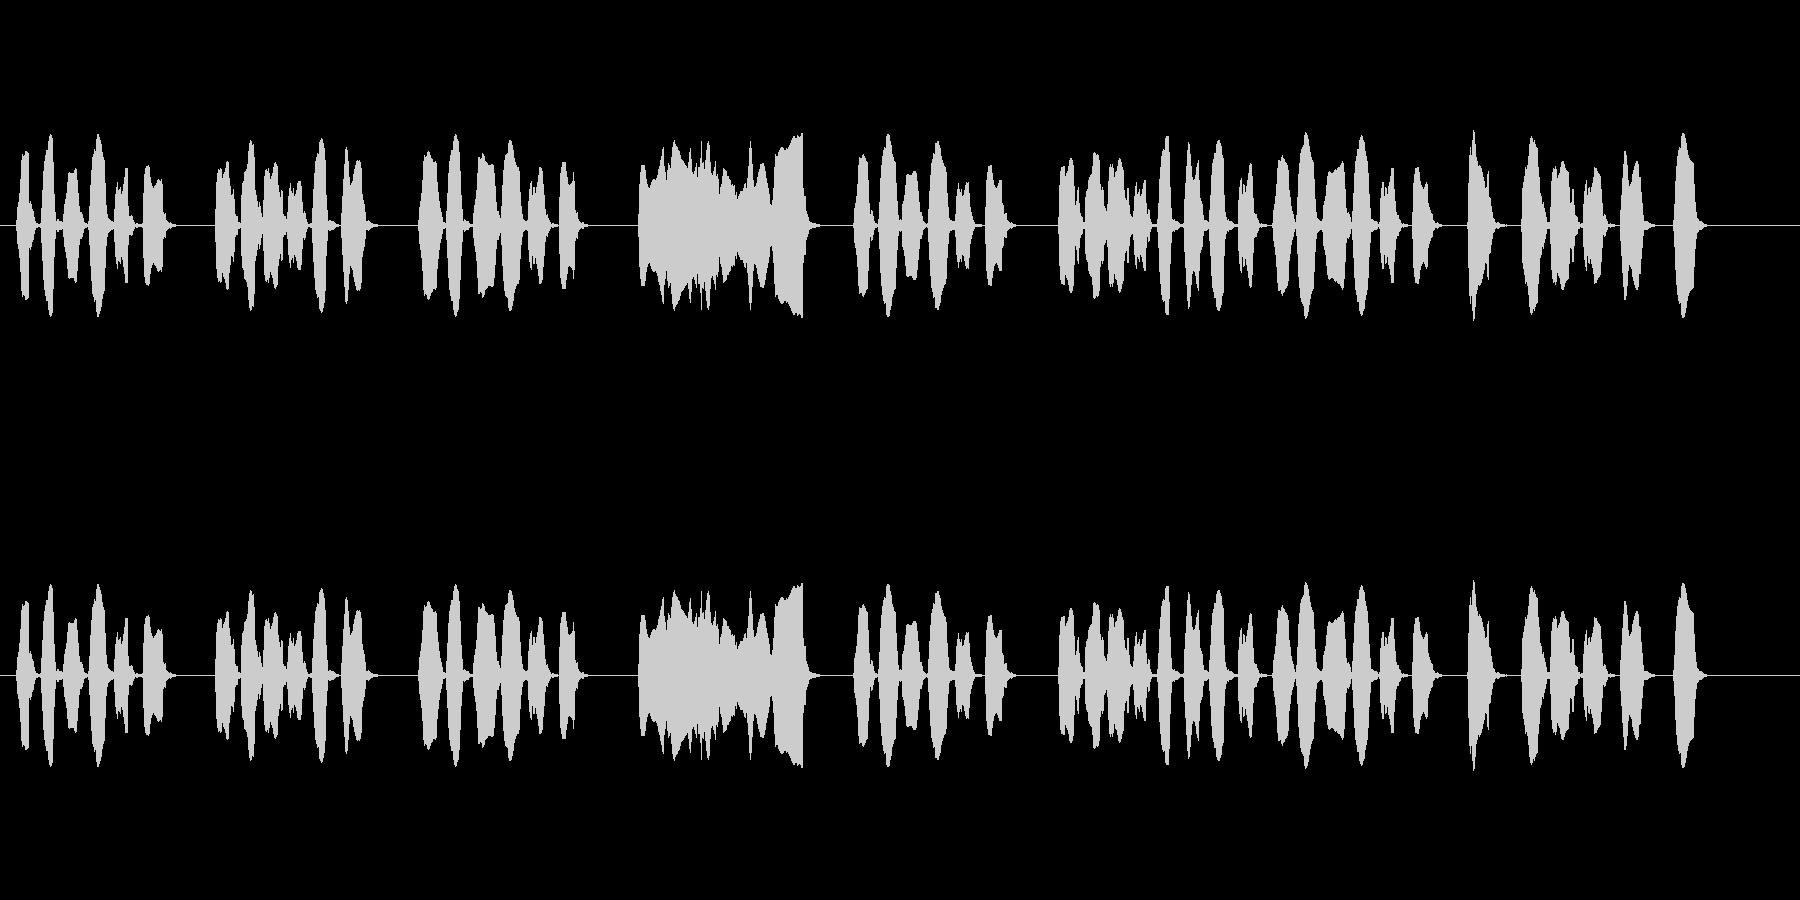 リコーダー単体で演奏された楽曲です。シ…の未再生の波形